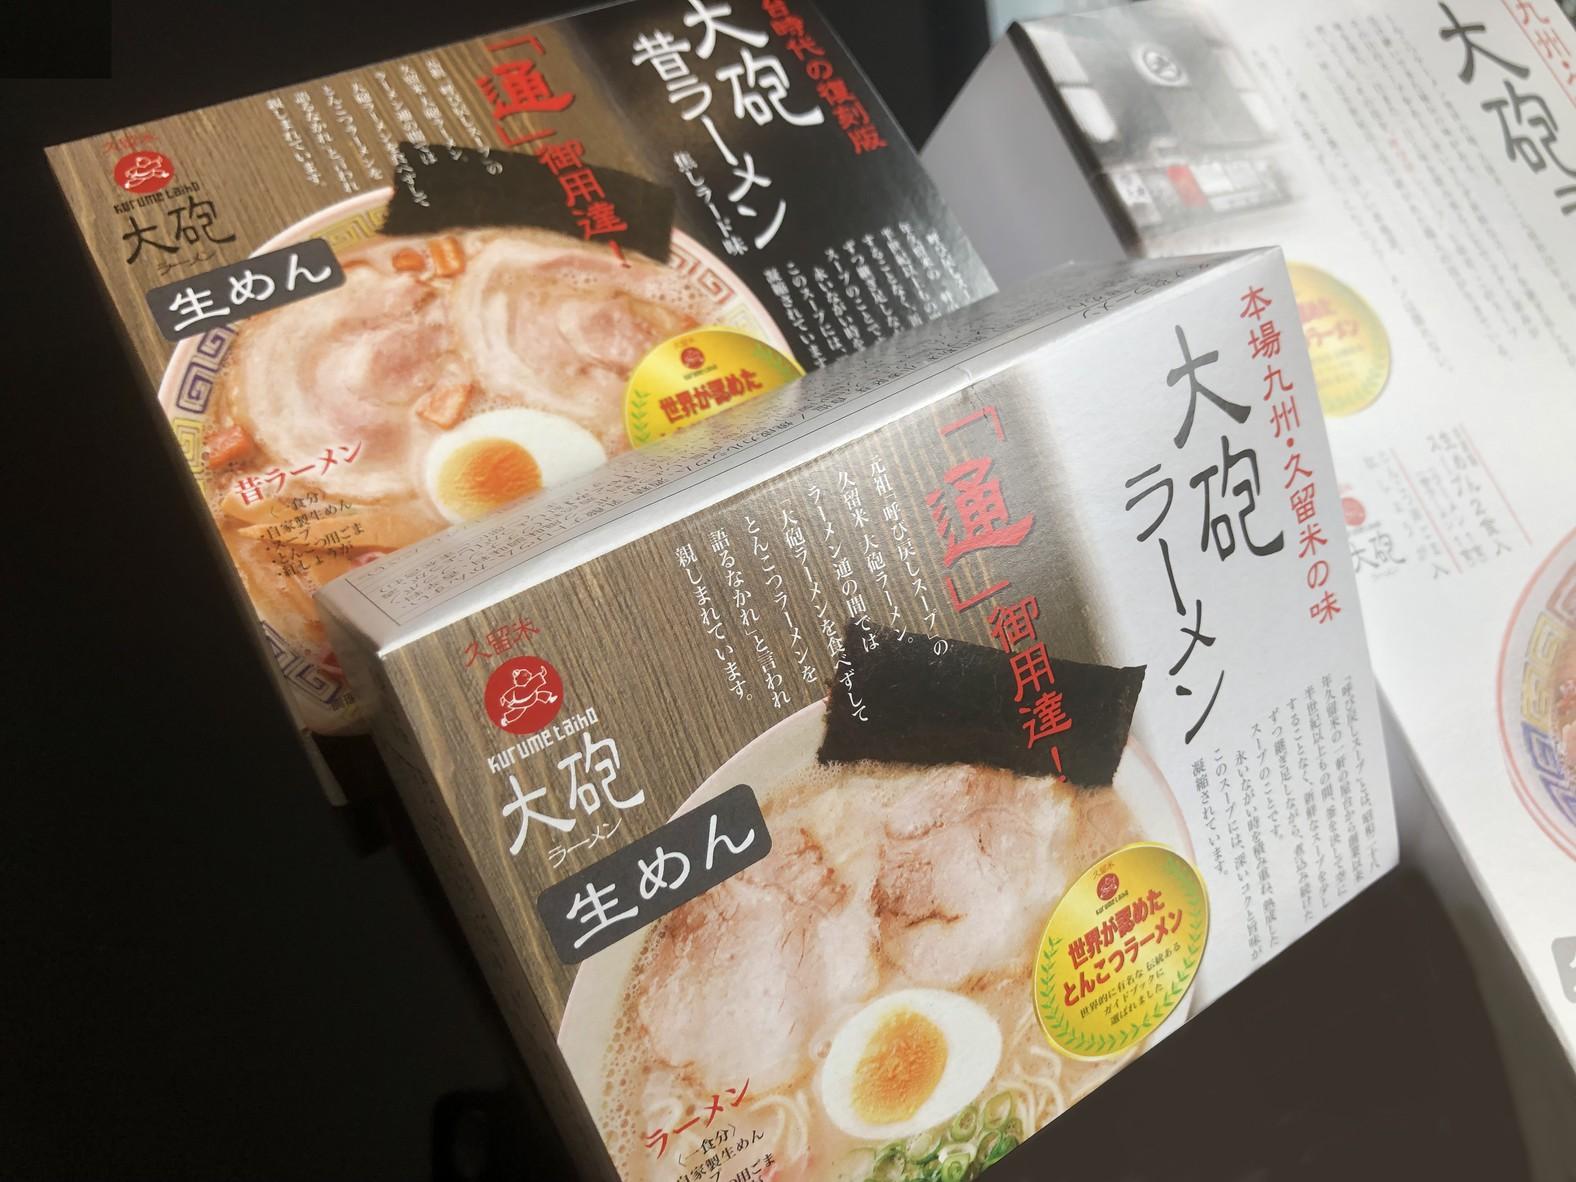 【東京発歓迎プラン】朝食バイキング★久留米ラーメンお土産付き